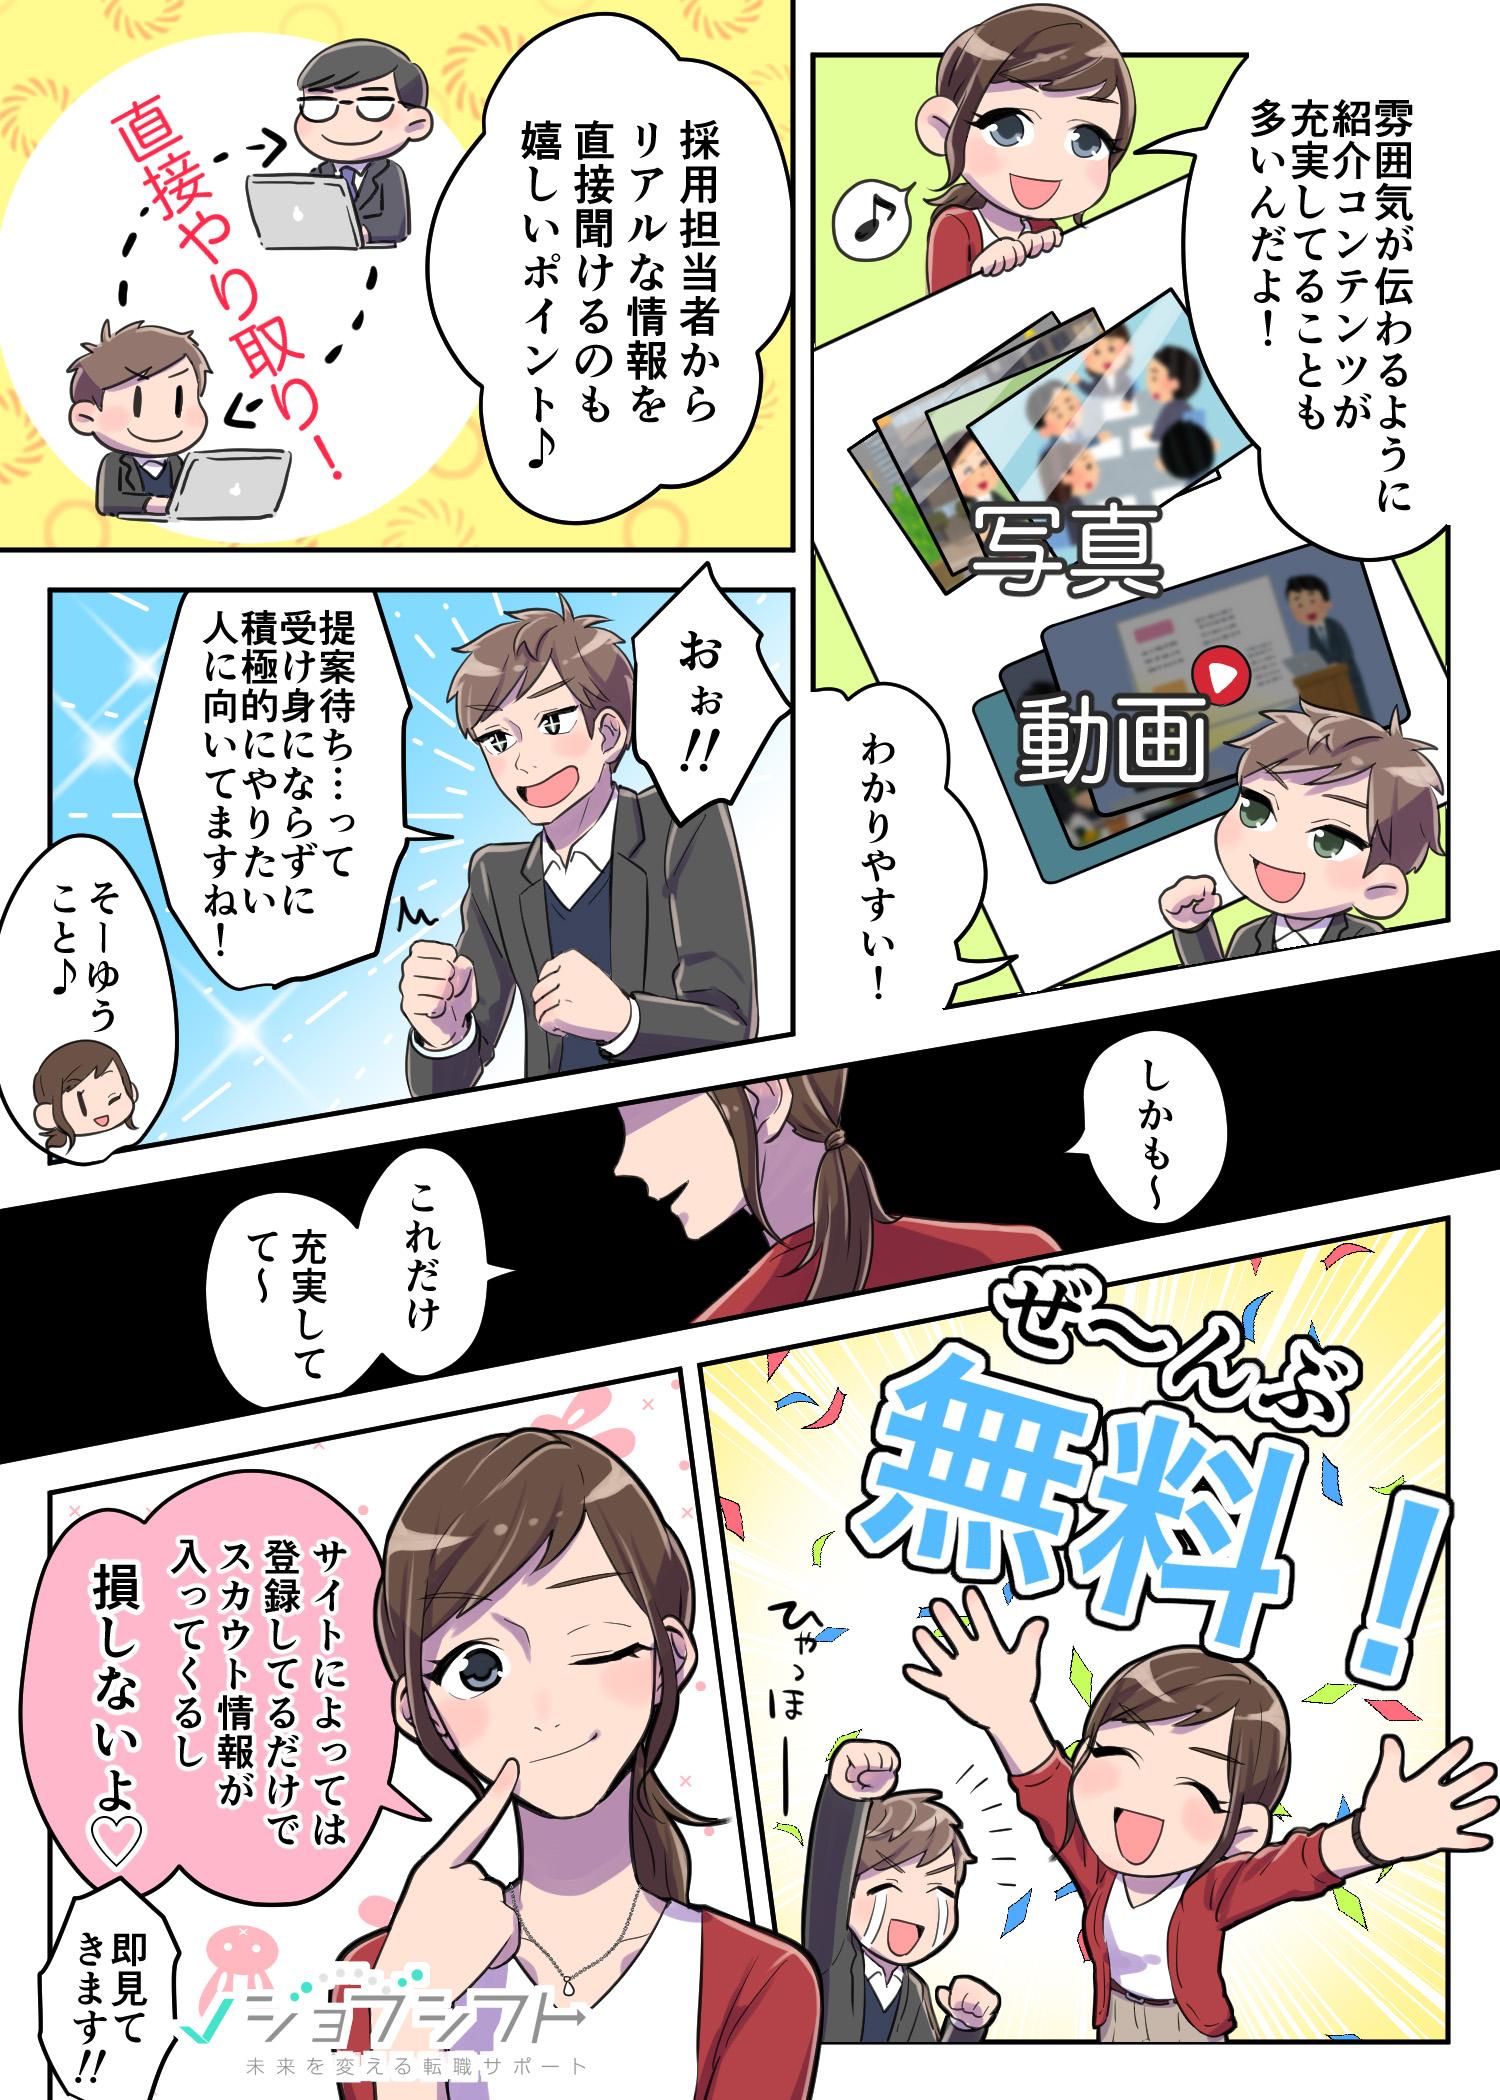 転職サイト紹介漫画